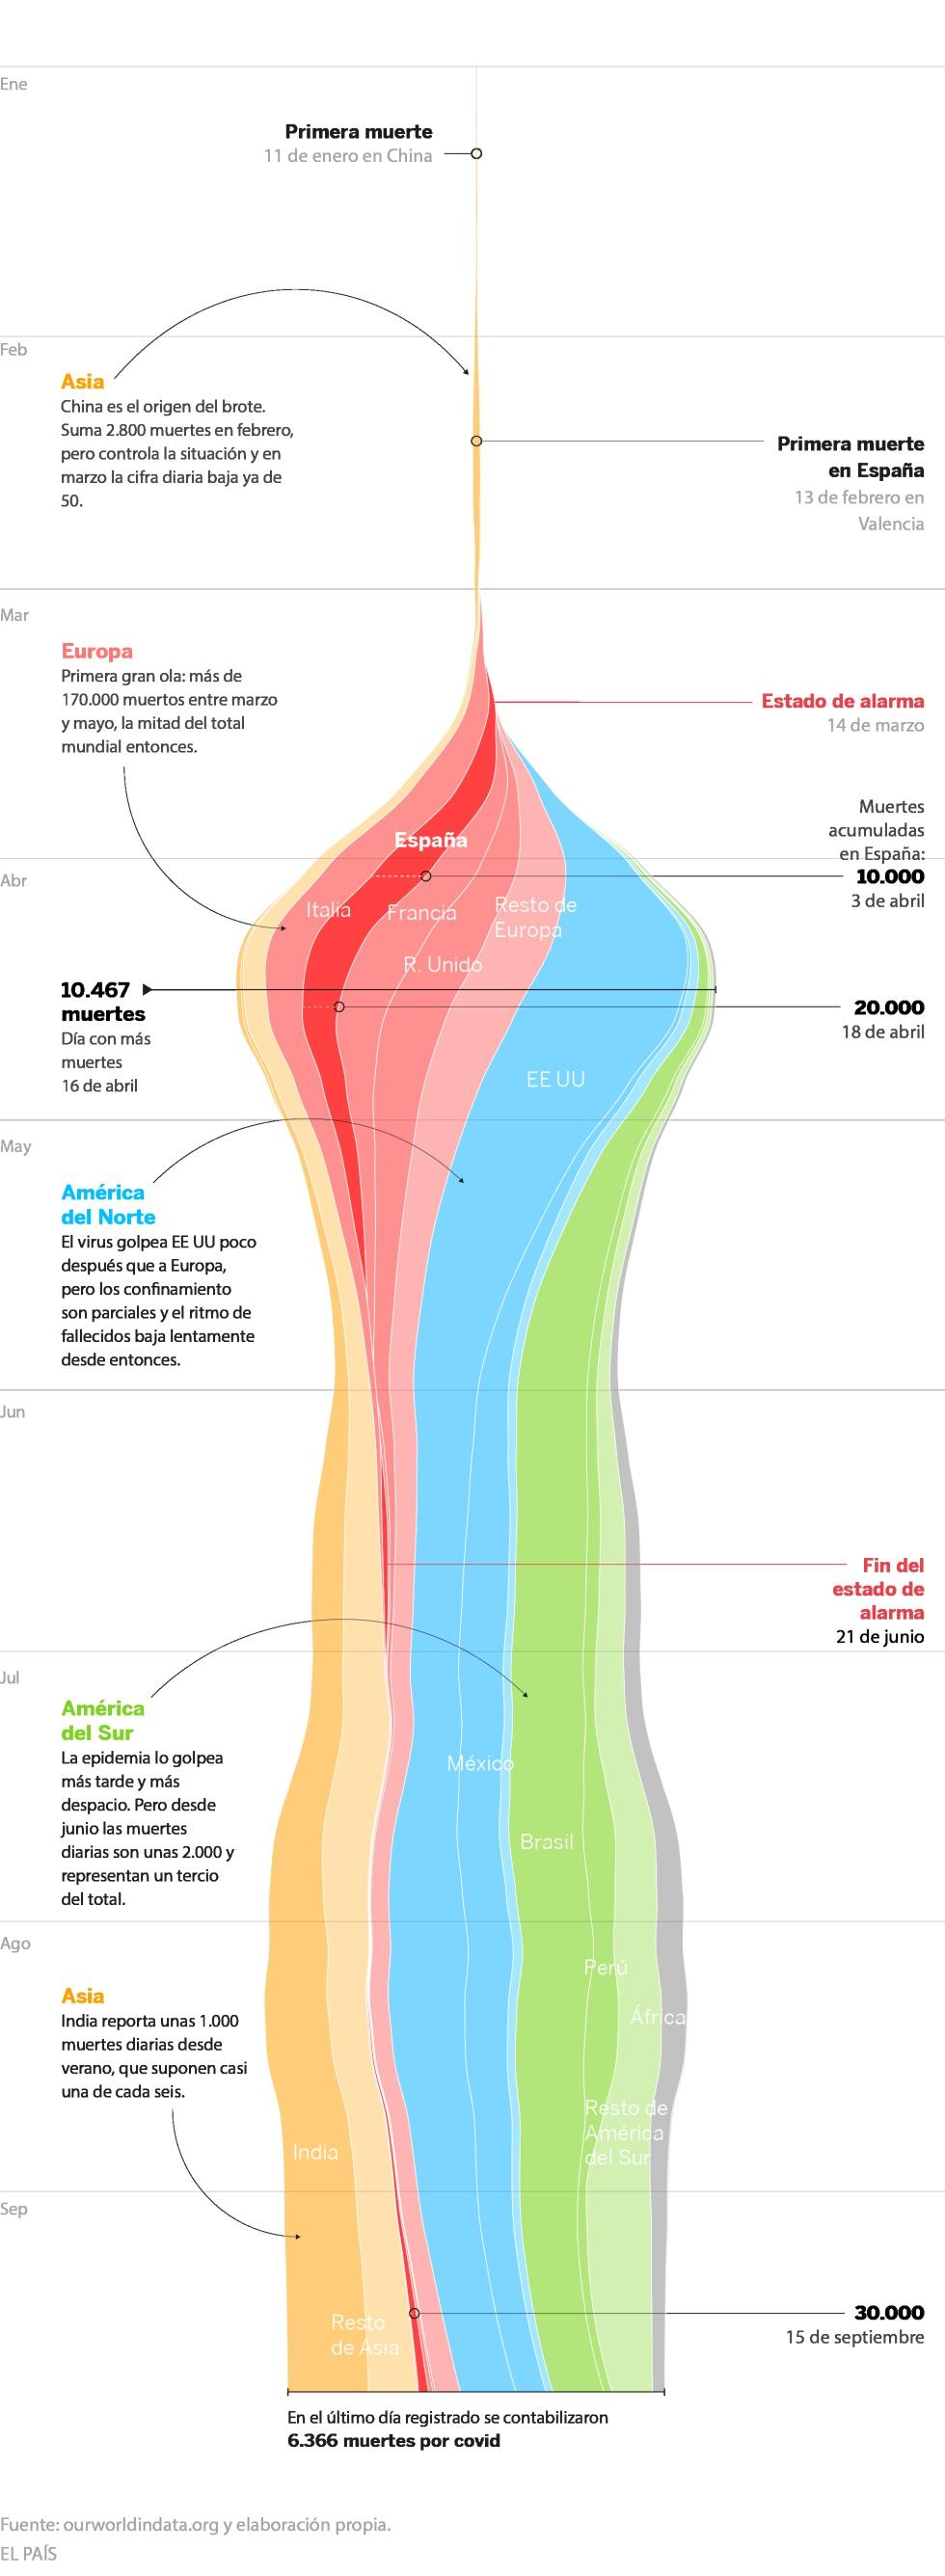 Se superan las 100 muertes al día y un debate sigue ausente: ¿cuántas son demasiadas?